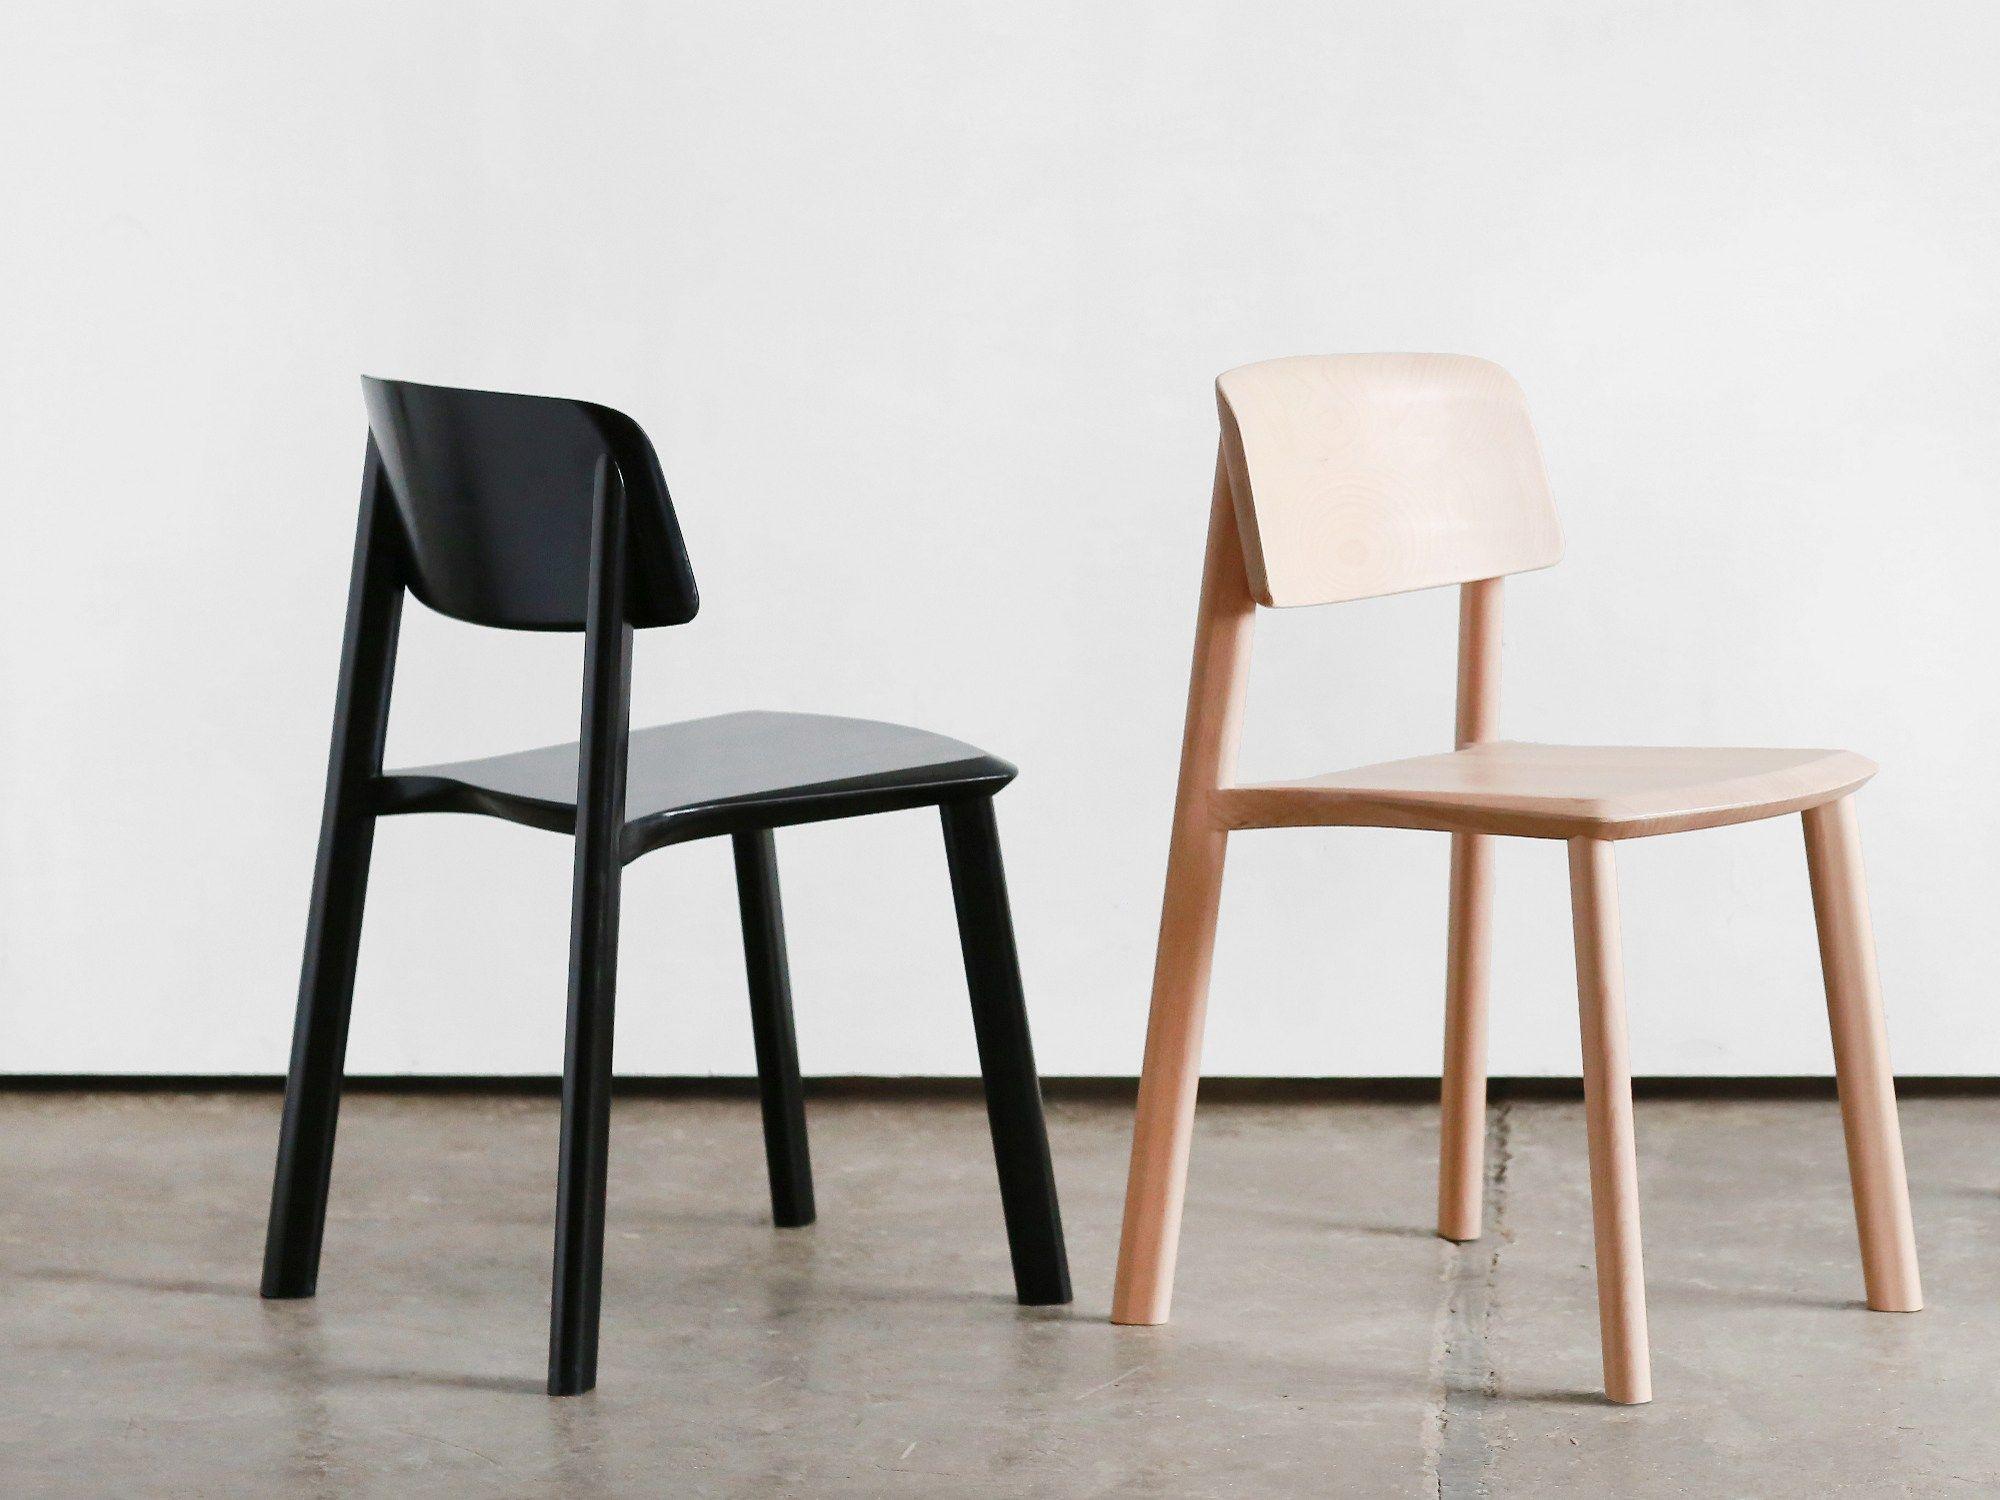 Sedia in legno massello JUST By Wir Design | SEDIE LEGNO | Pinterest